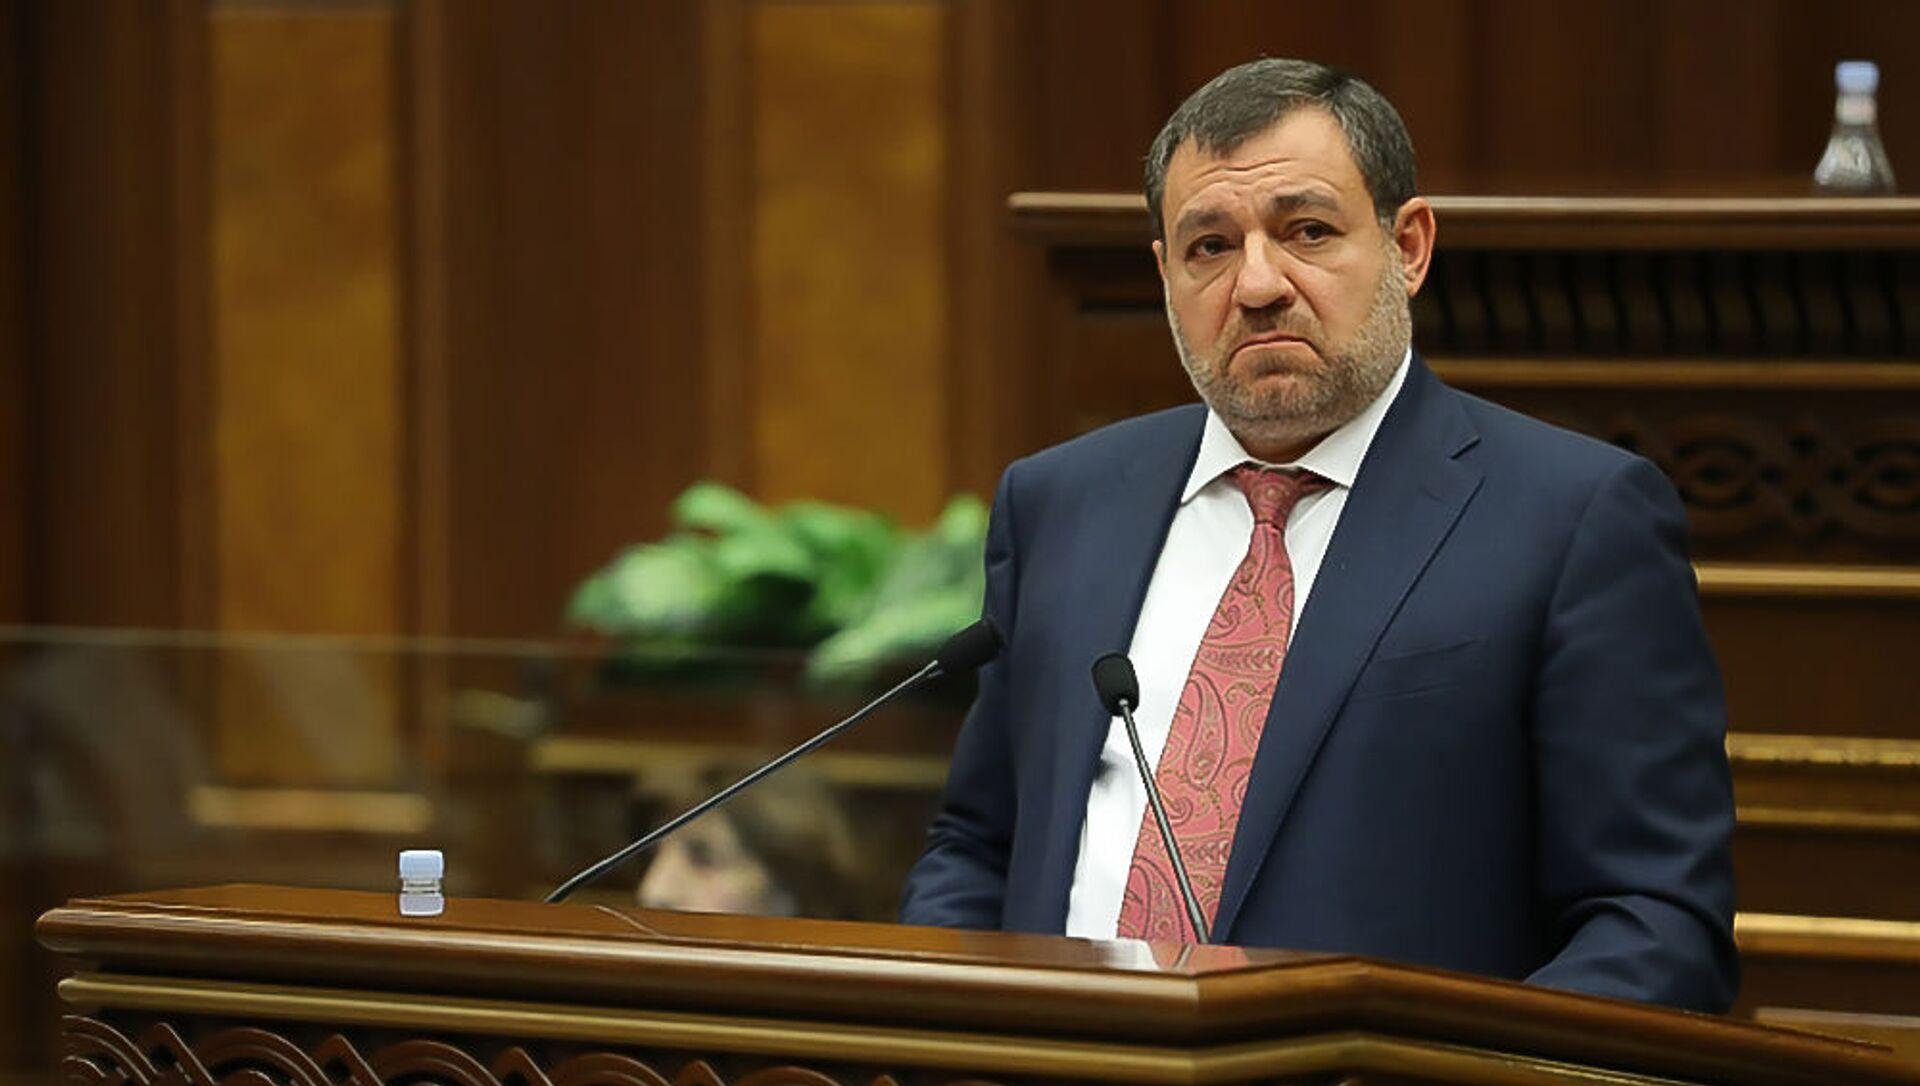 Председатель Высшего судебного совета Рубен Вардазарян отвечает на вопрос депутата во время очередного заседания Парламента (3 марта 2021). Еревaн - Sputnik Արմենիա, 1920, 16.07.2021